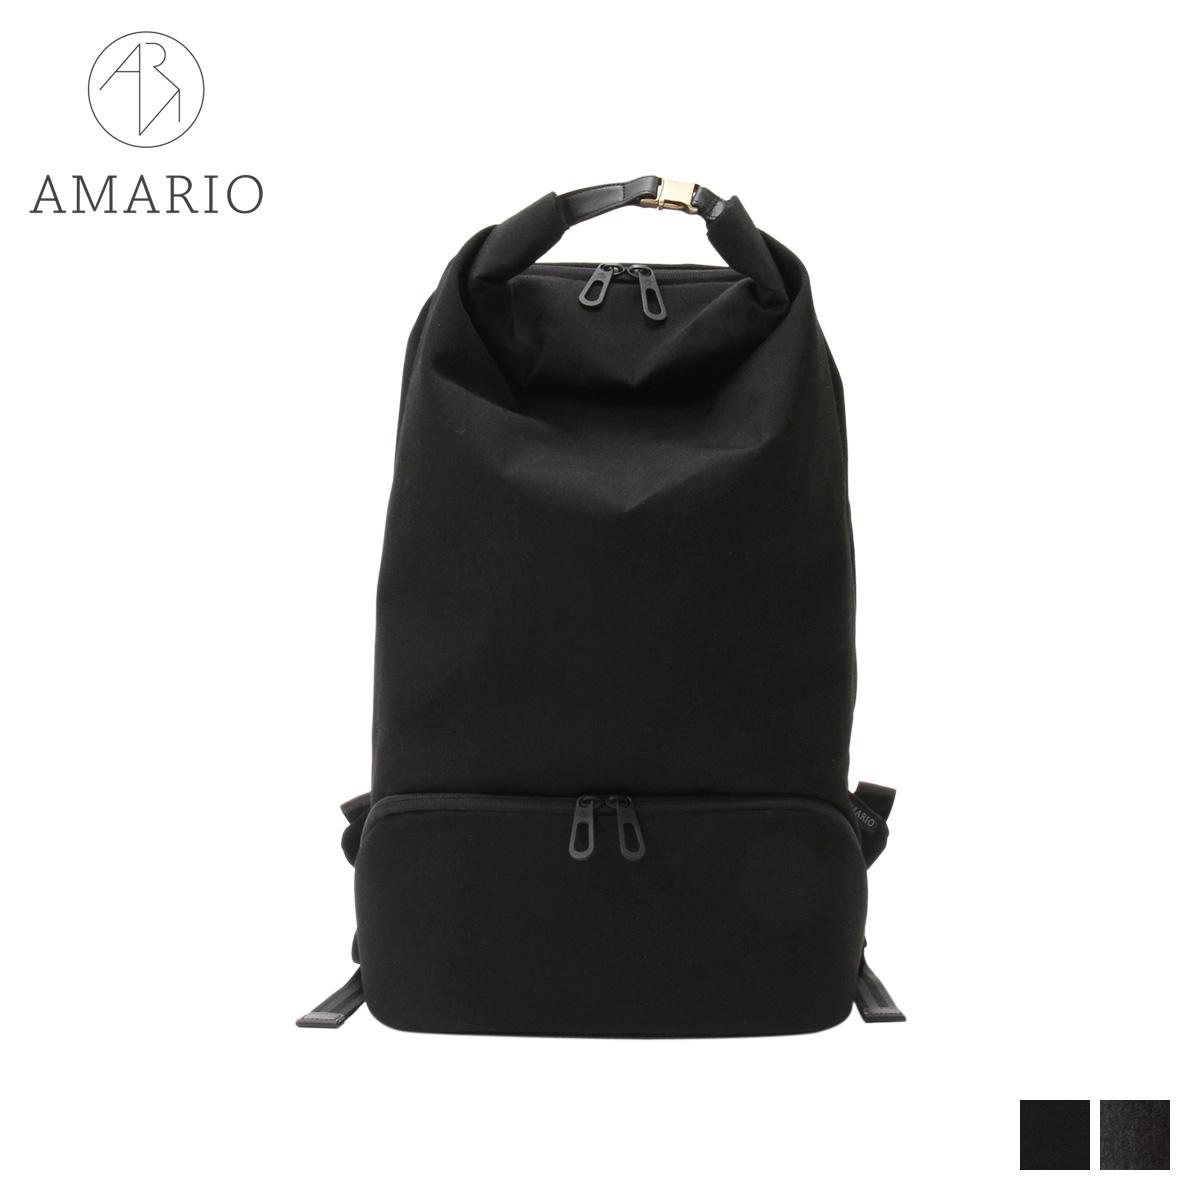 AMARIO CULM BACKPACK 15 アマリオ リュック バッグ バックパック メンズ レディース 32L ブラック グレー 黒 CRUMBP15 [10/15 新入荷]